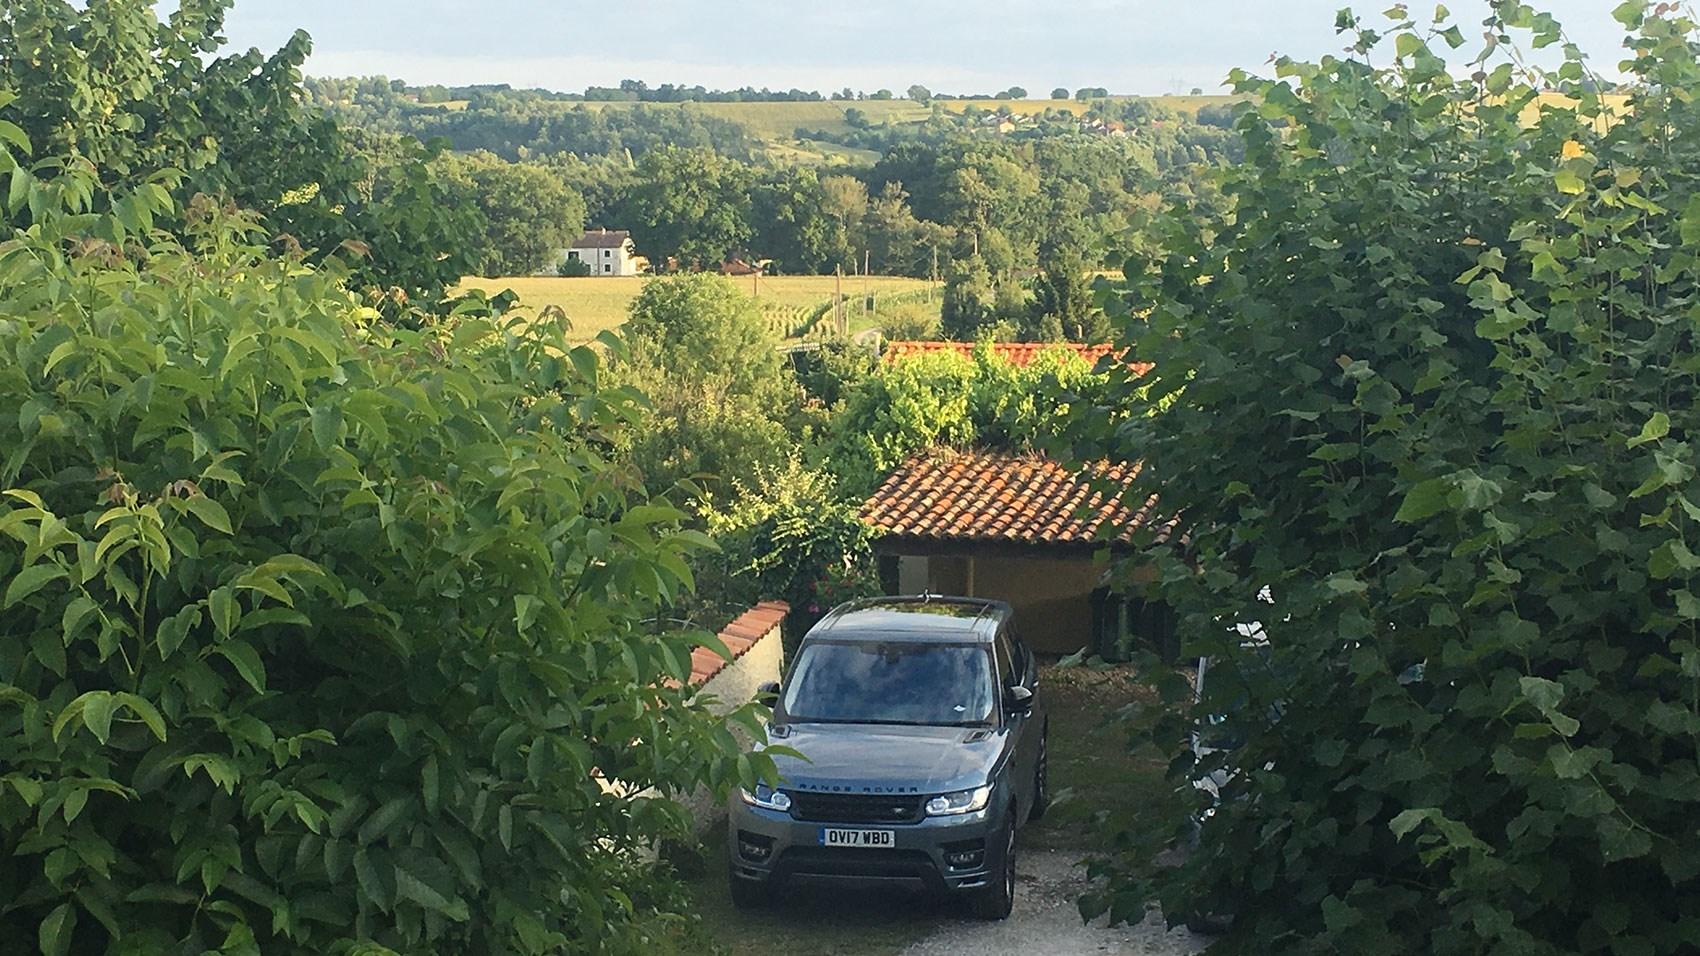 Pilgrimage over! Range Sport at its Dordogne destination